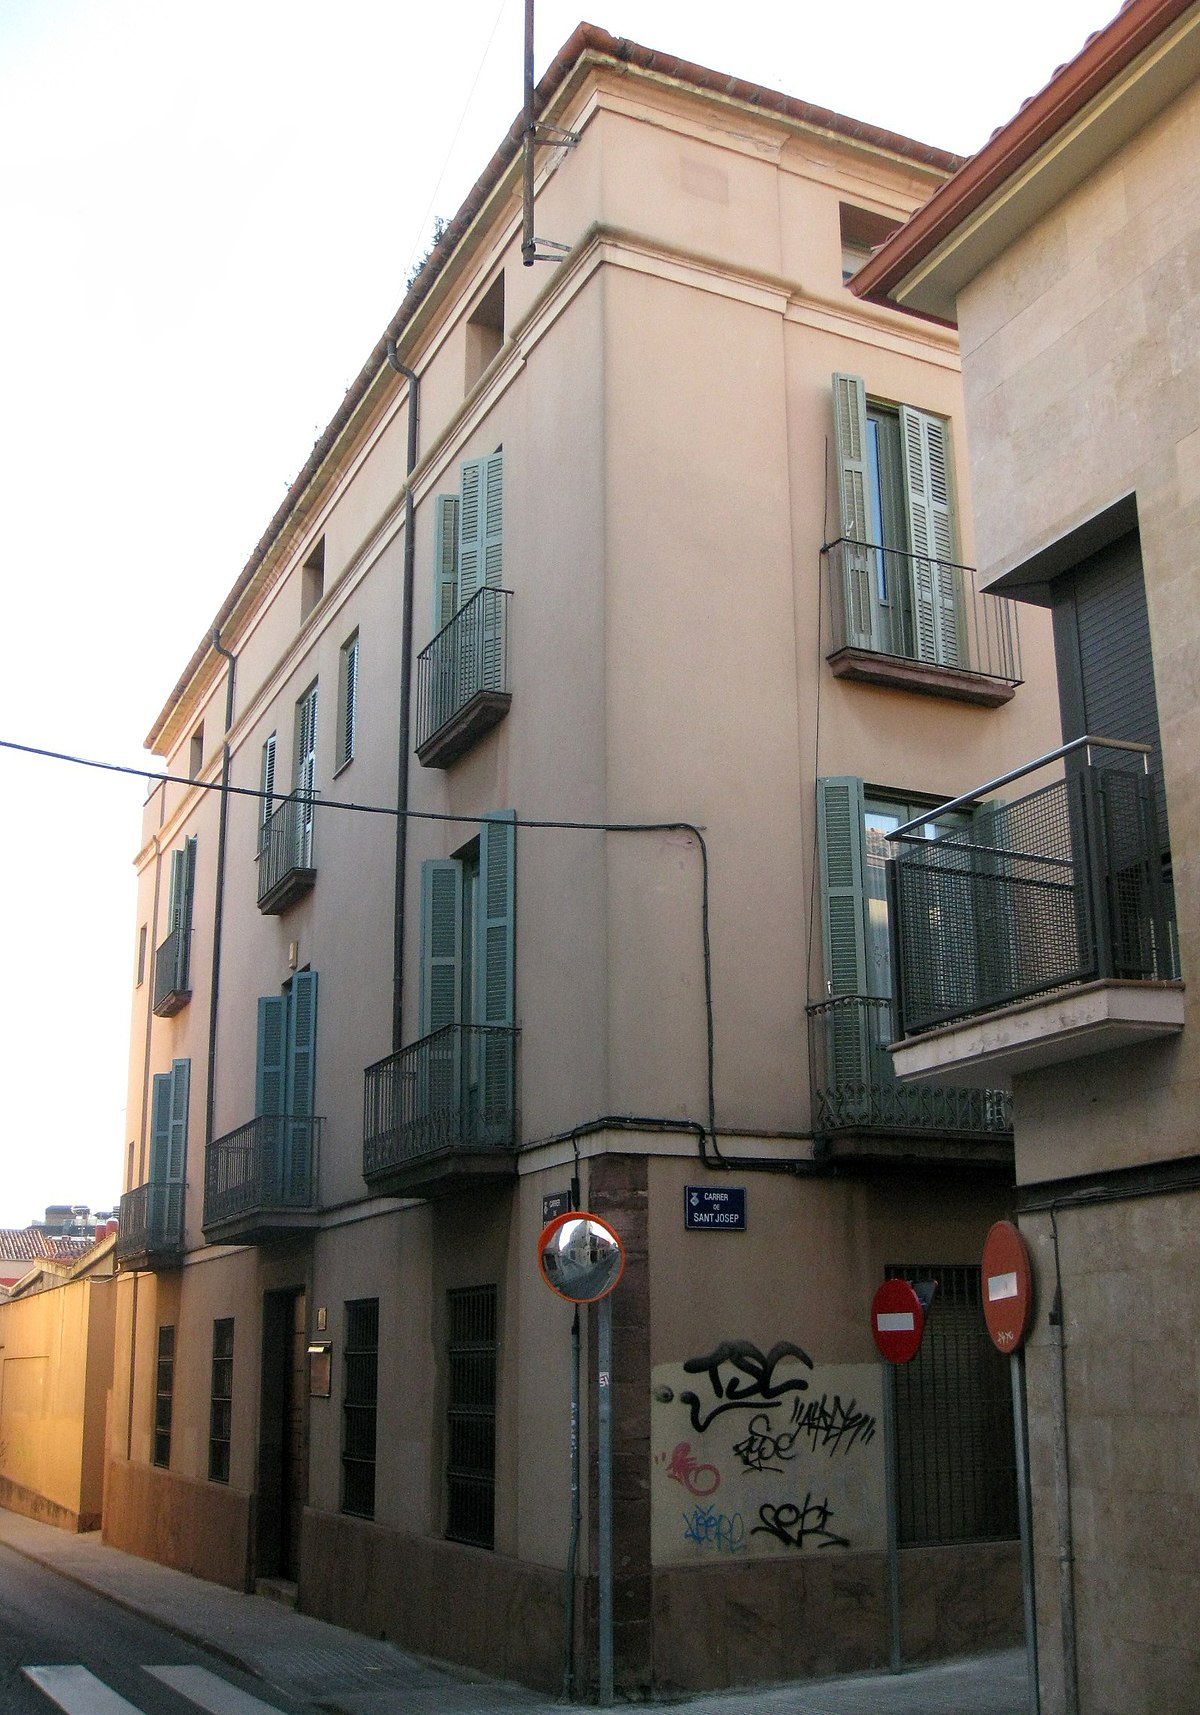 Casa mata terrassa viquip dia l 39 enciclop dia lliure - Outlet casas terrassa ...